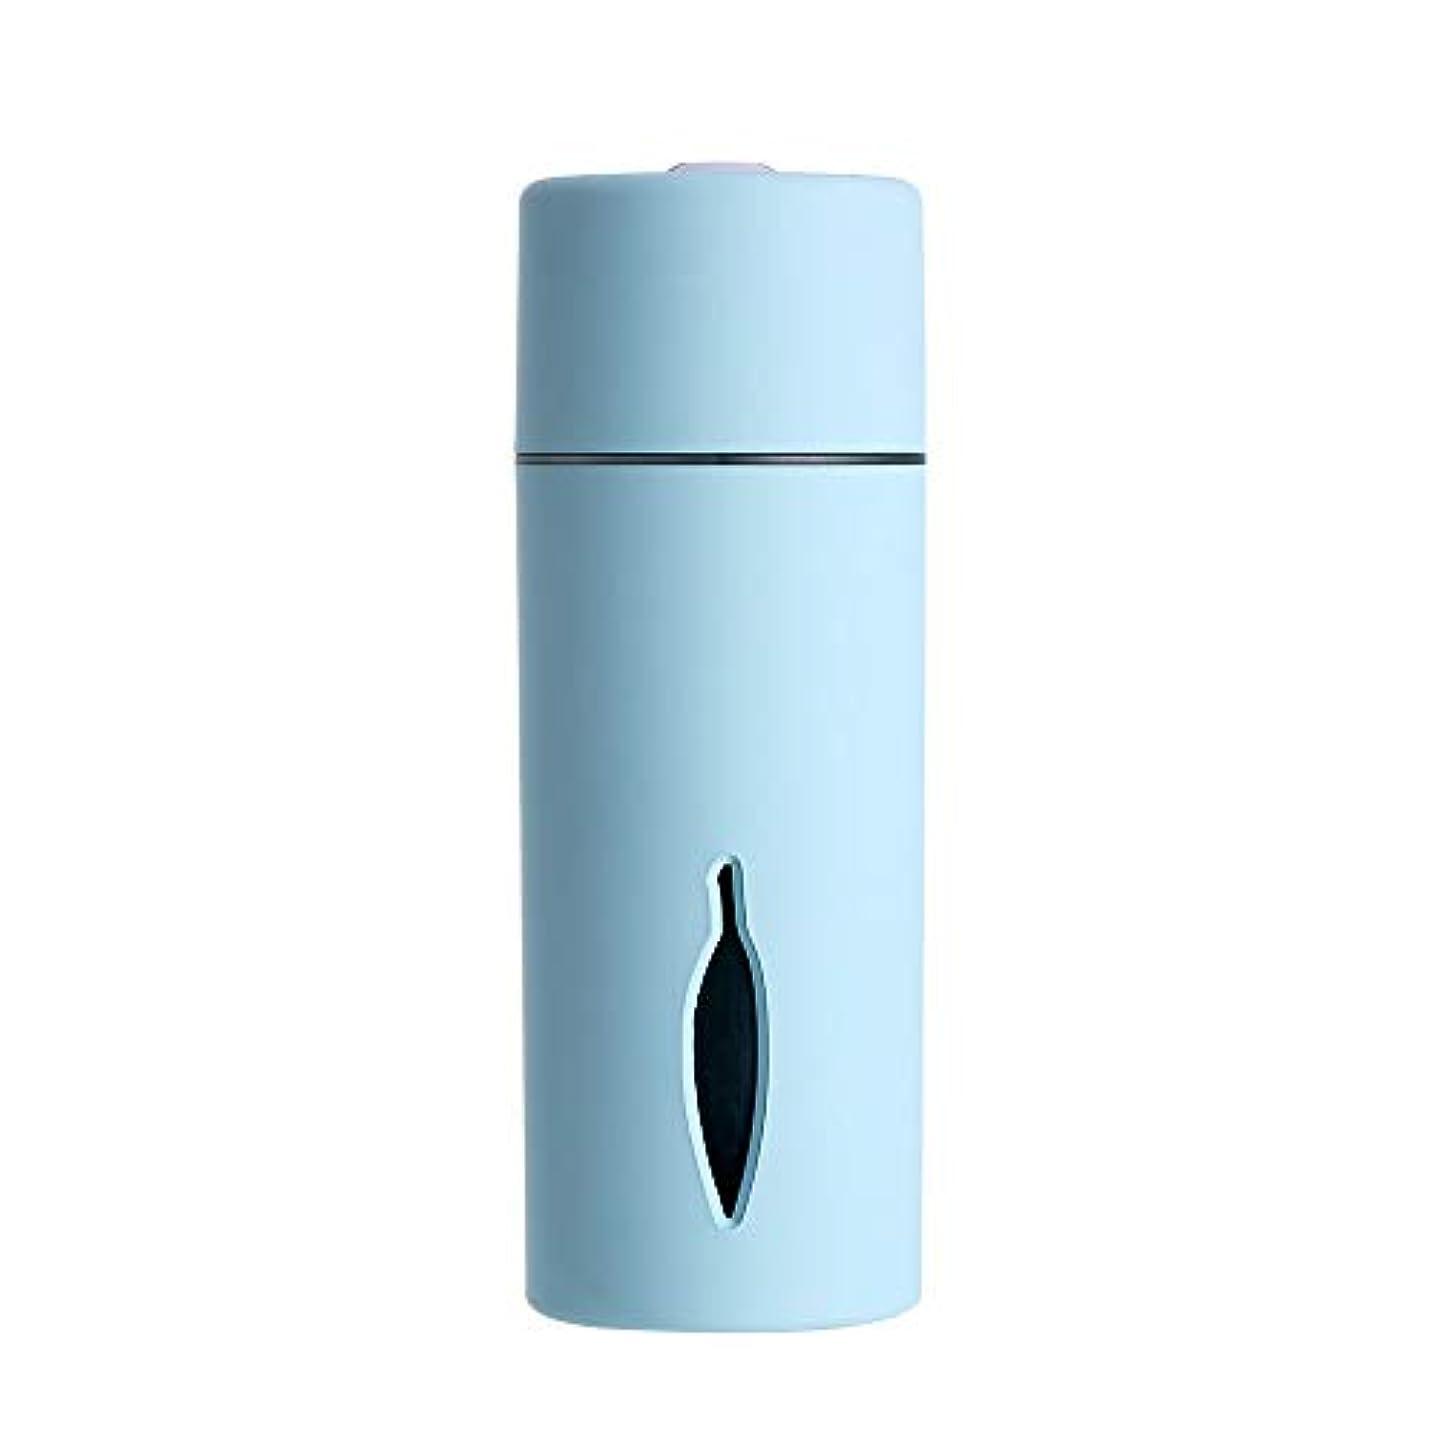 リスナーミケランジェロモッキンバードZXF クリエイティブ新しいカラフルな夜の光の葉加湿器usb車のミニホームスプレー楽器水道メーターブルーセクションピンク 滑らかである (色 : Blue)